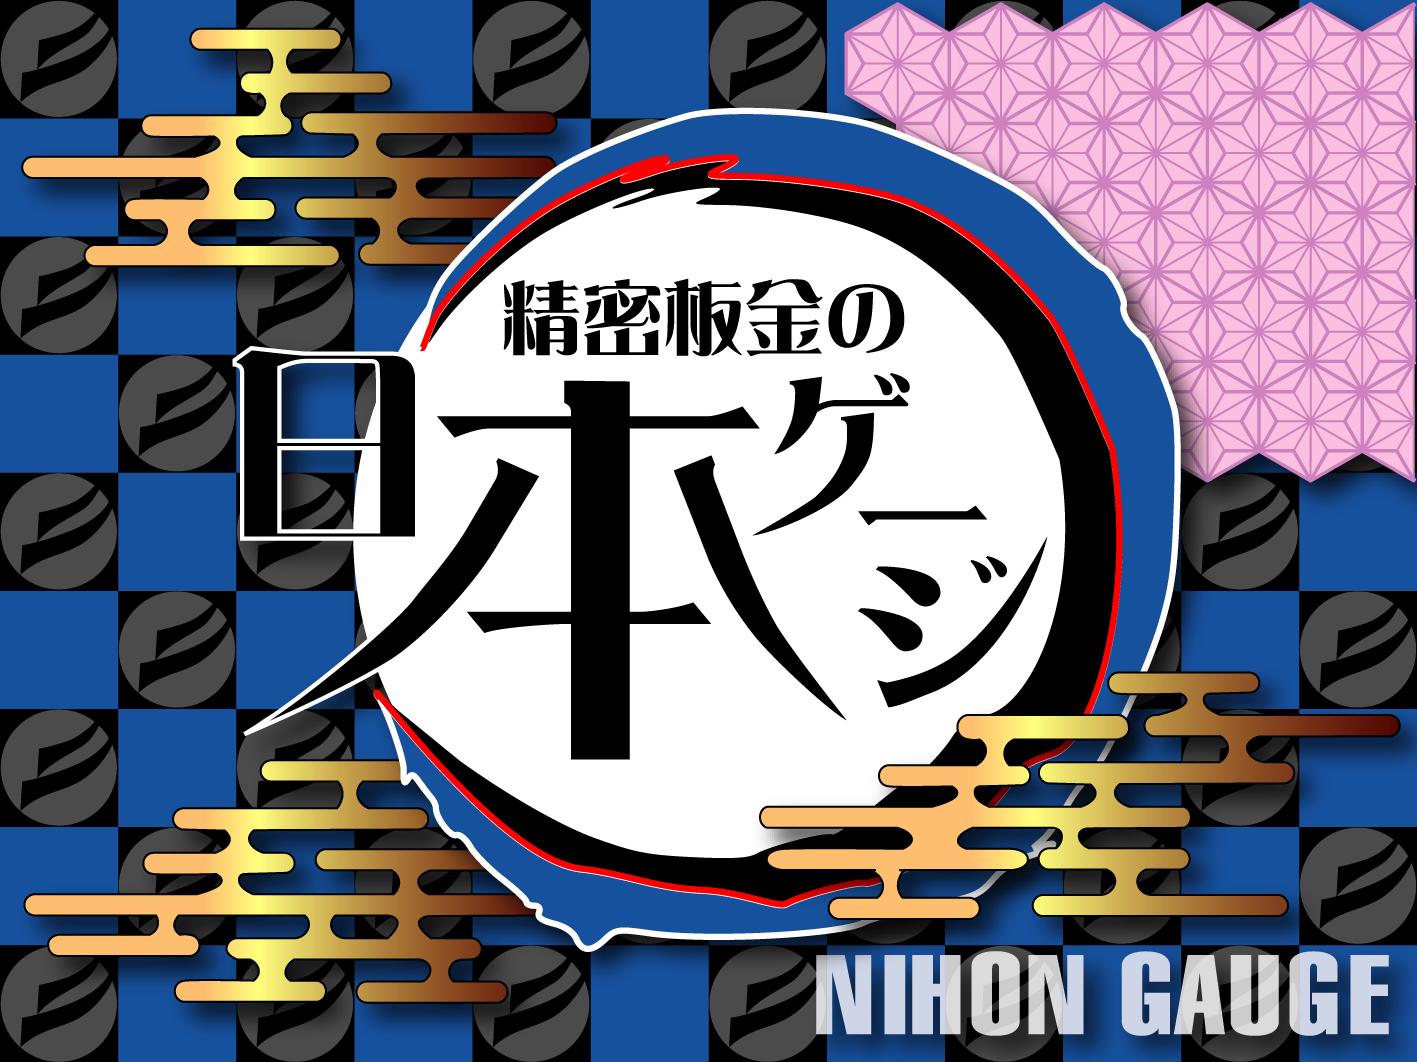 鬼滅風 日本ゲージロゴ01